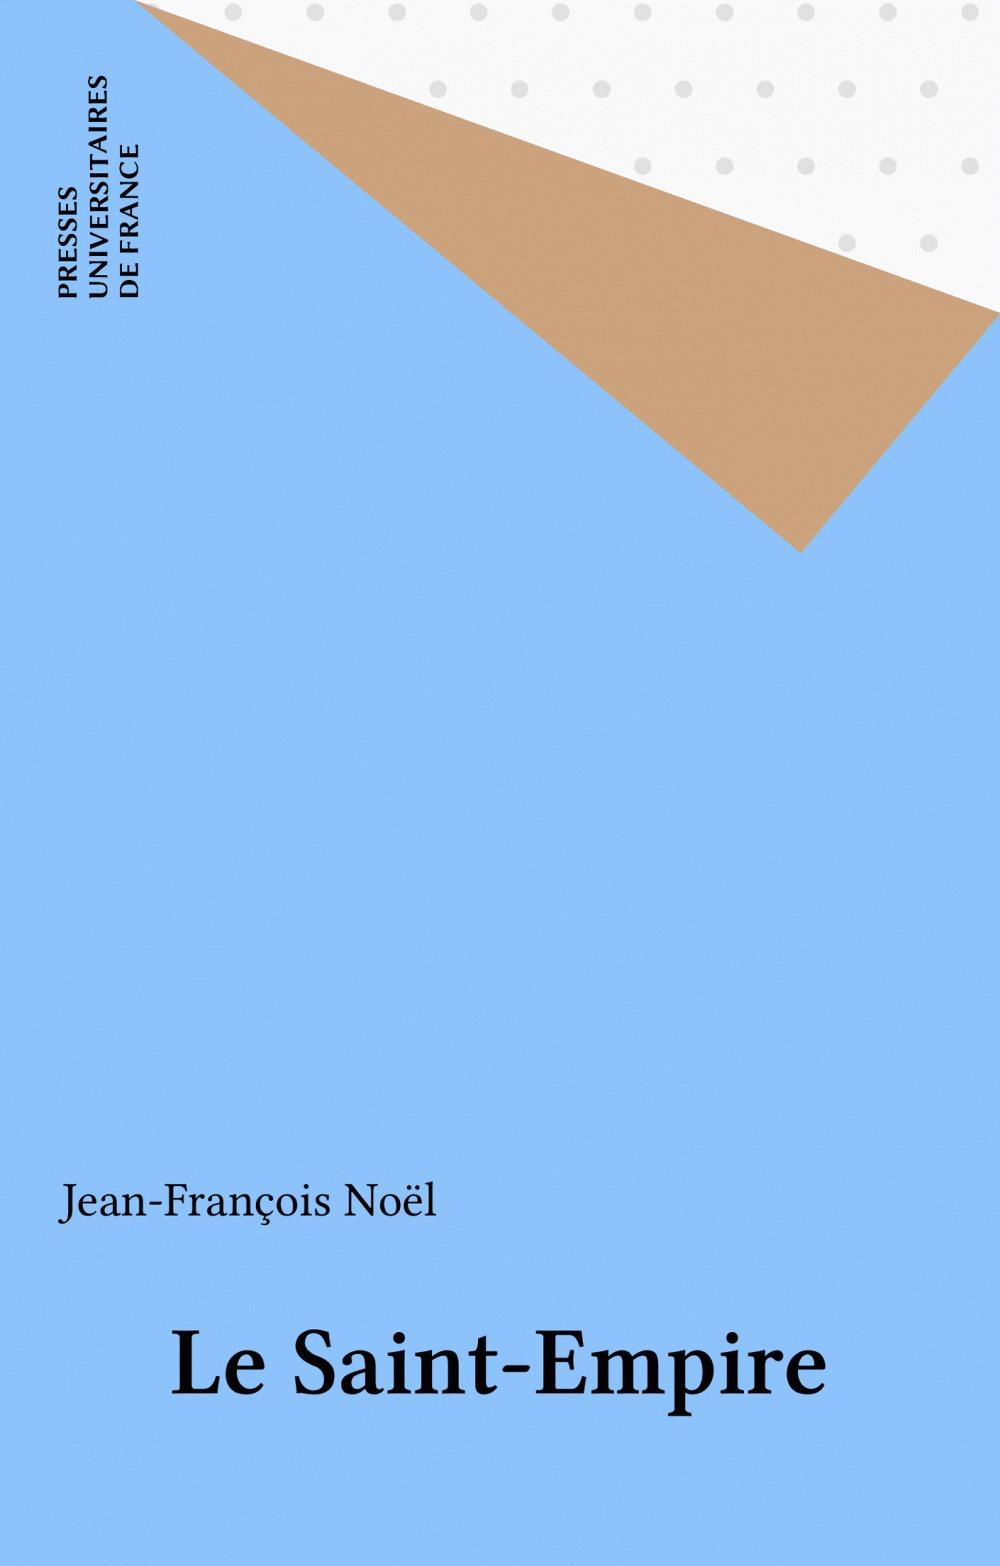 Le Saint-Empire  - Noel J.F  - Jean-François Noël